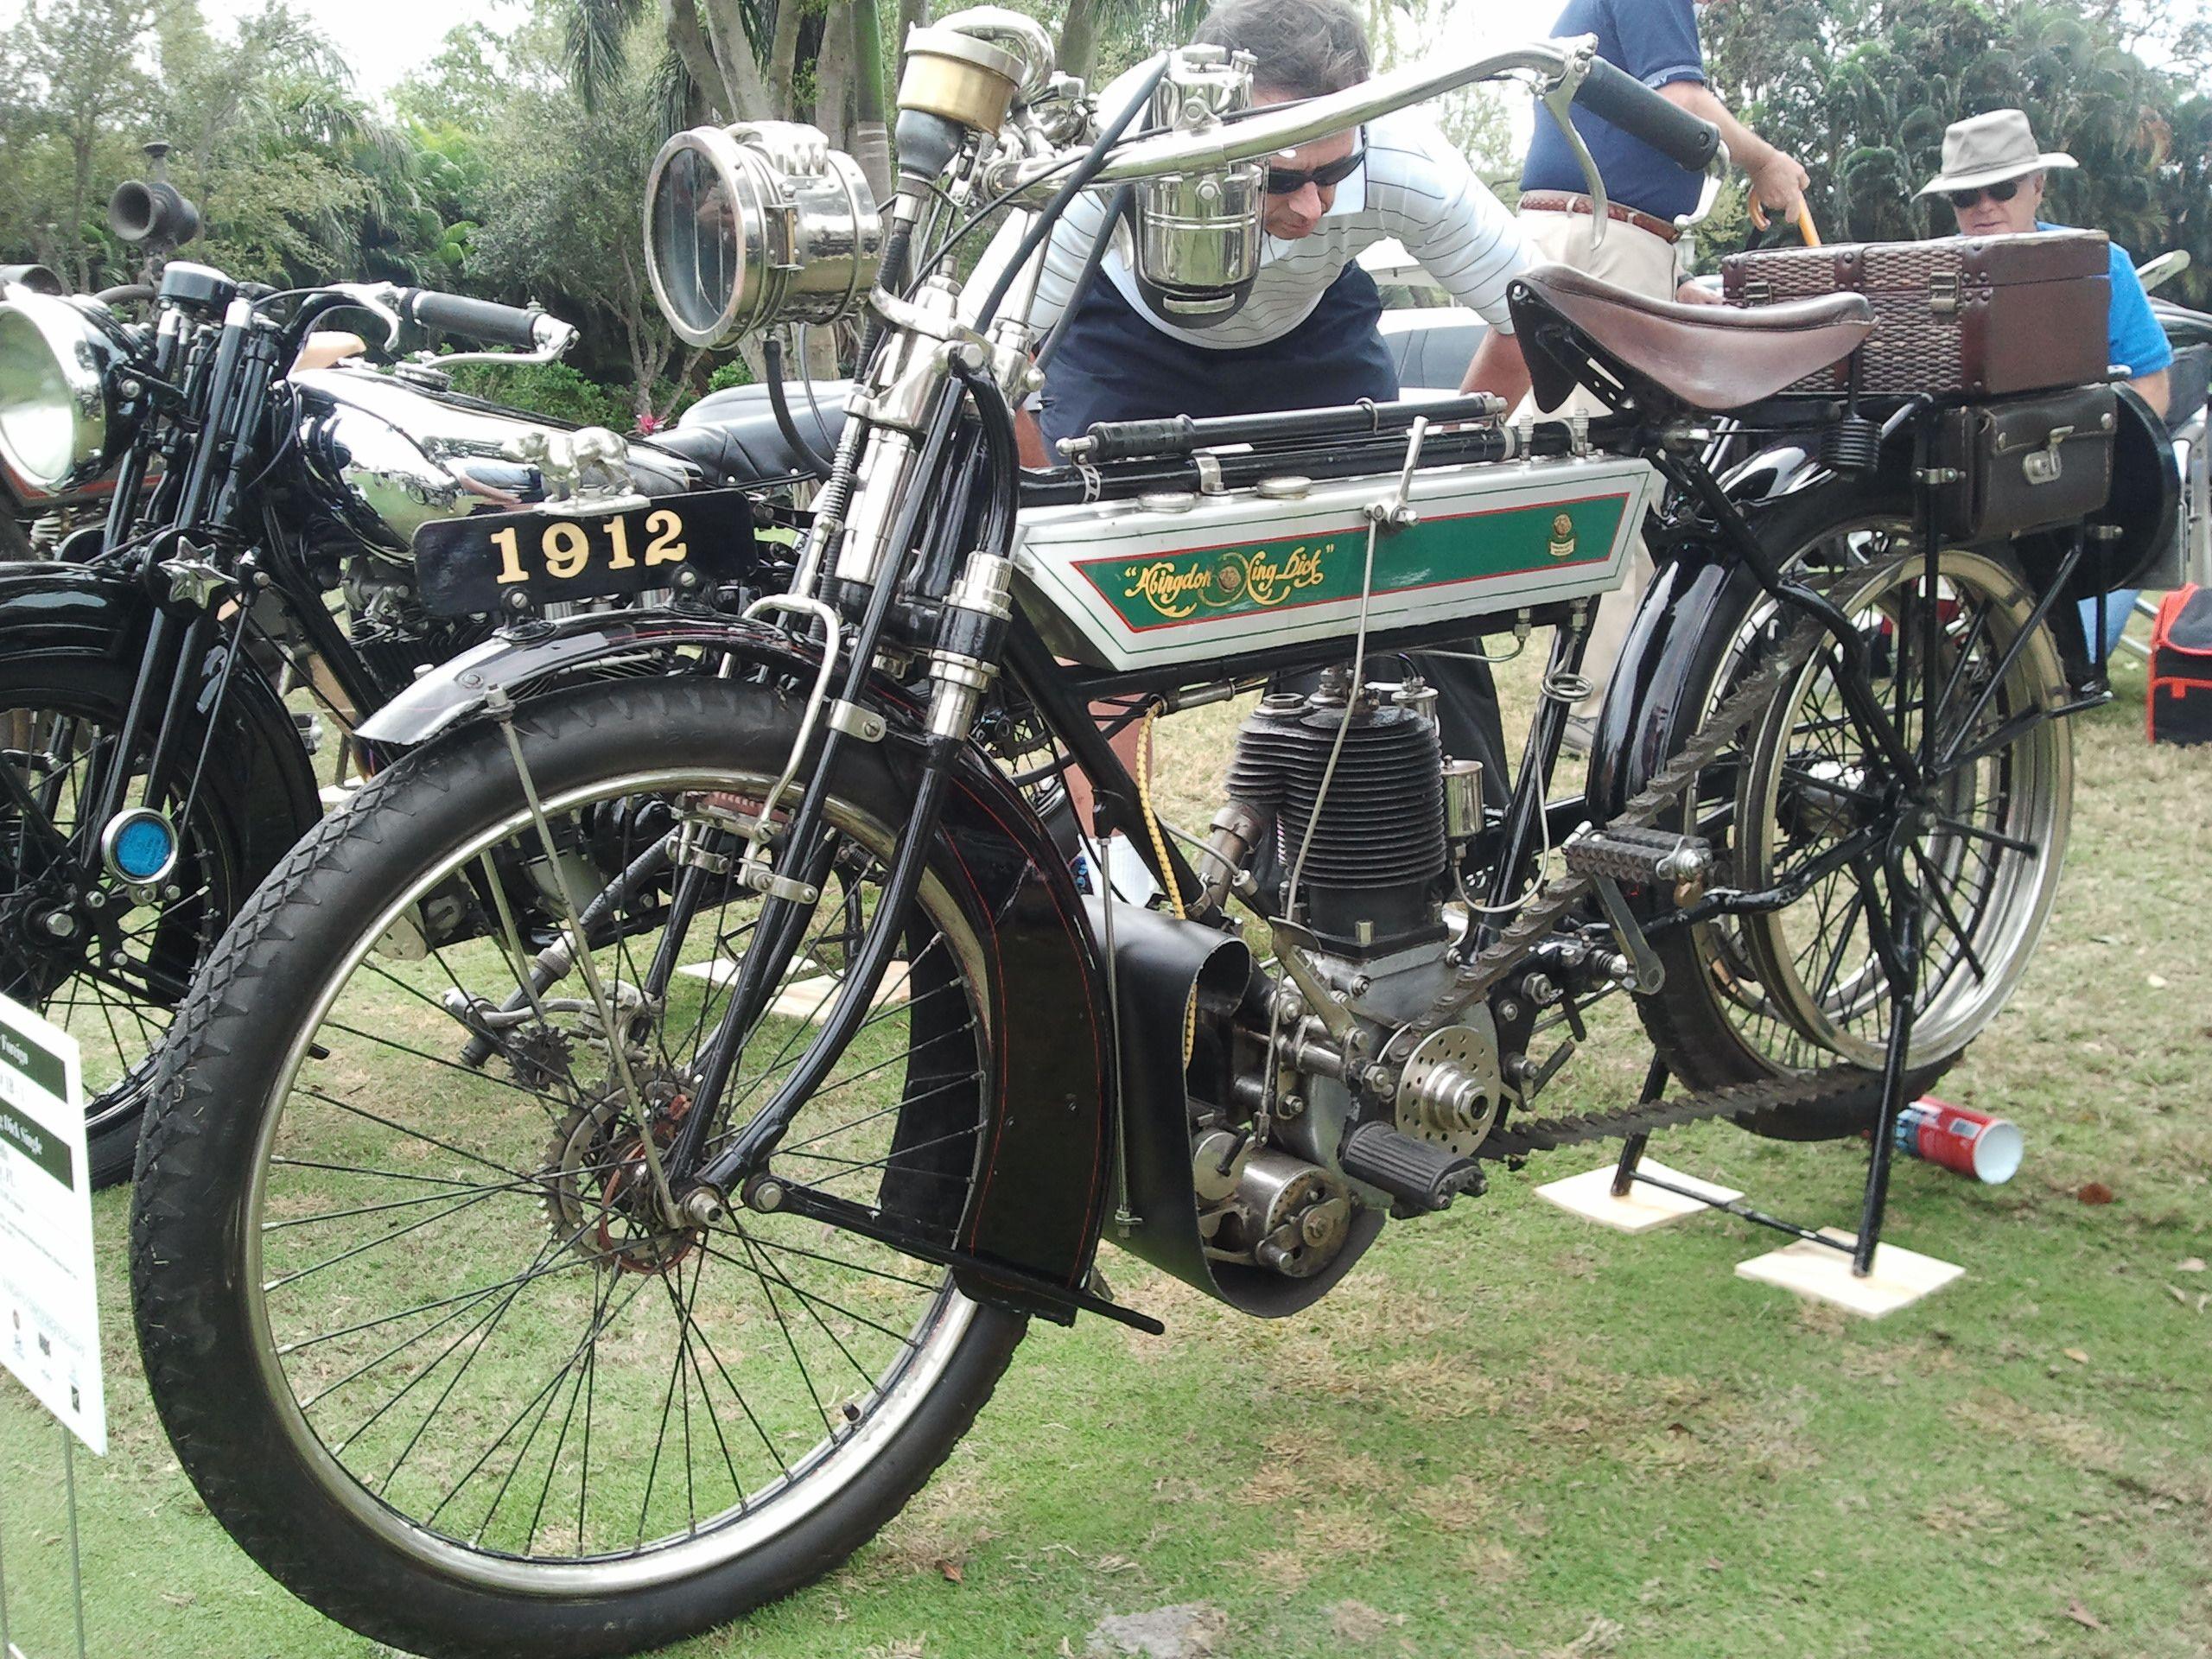 1912 harley davidson vintage motorcycle europa 1 motorrad. Black Bedroom Furniture Sets. Home Design Ideas